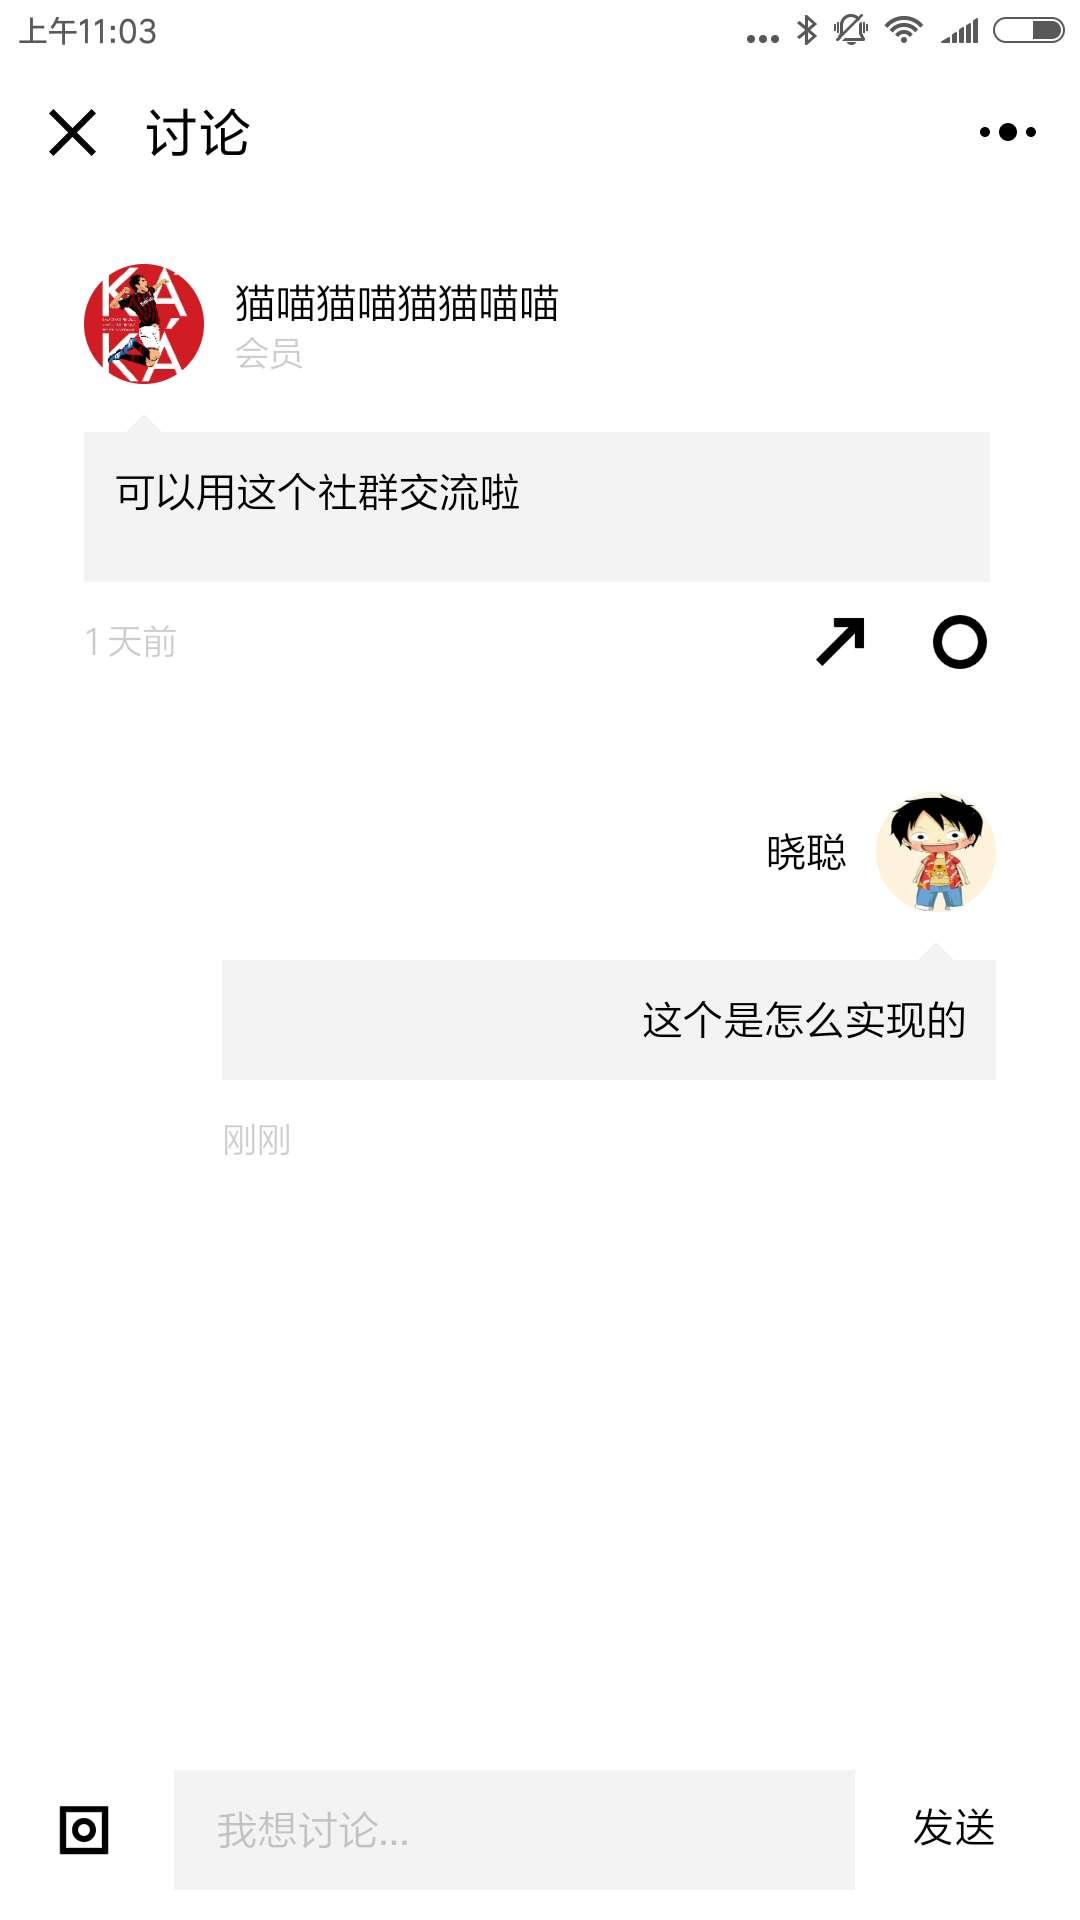 新华网思客小程序截图